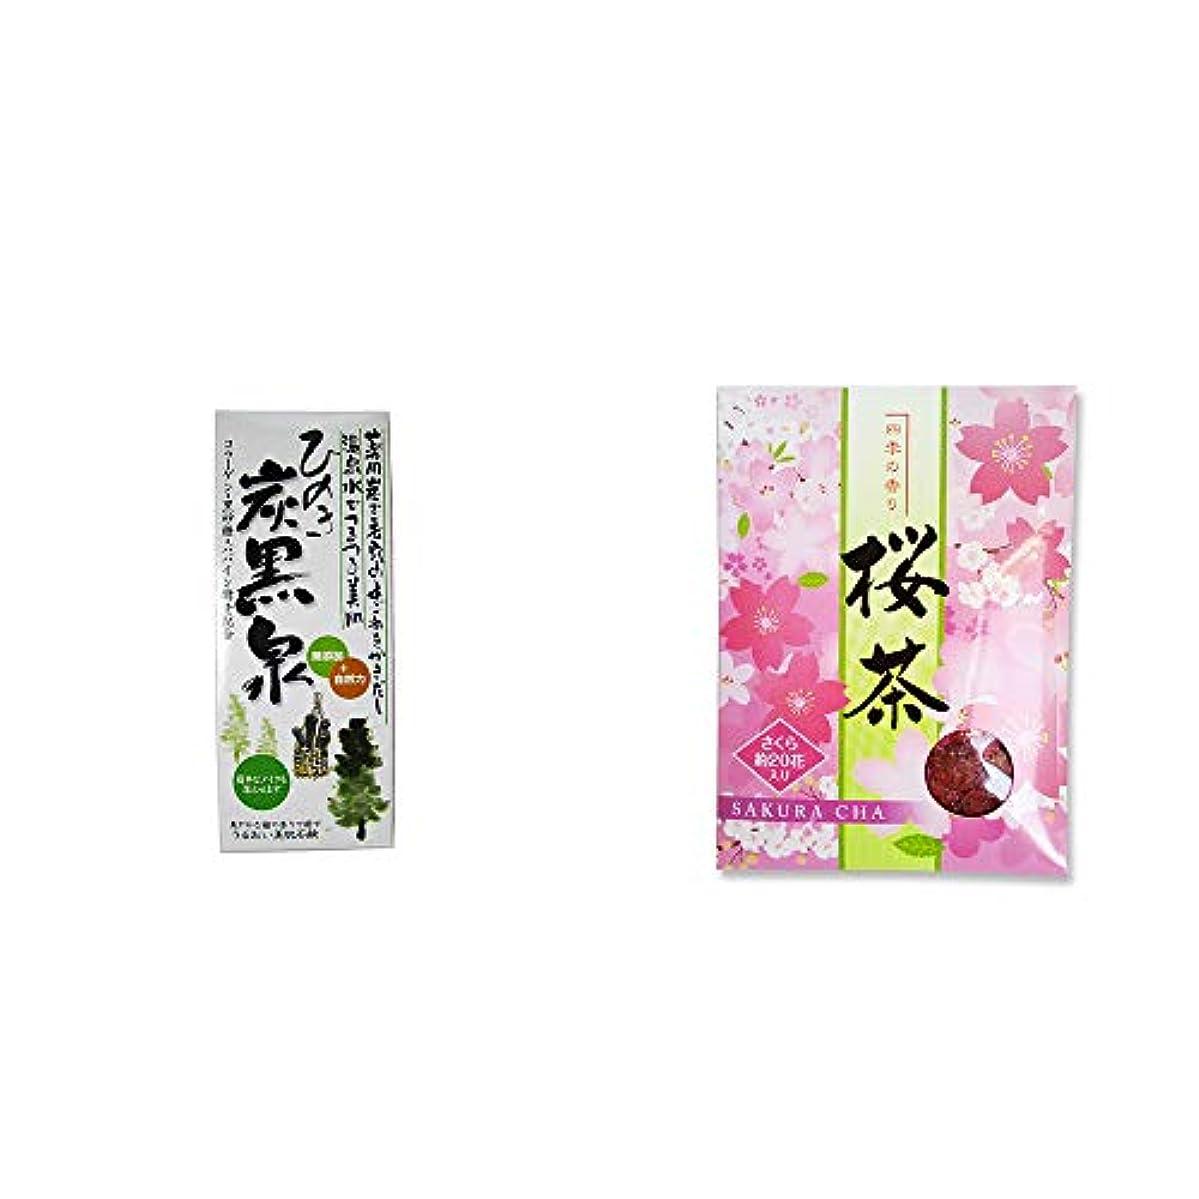 ふざけた煙突予言する[2点セット] ひのき炭黒泉 箱入り(75g×3)?桜茶(40g)